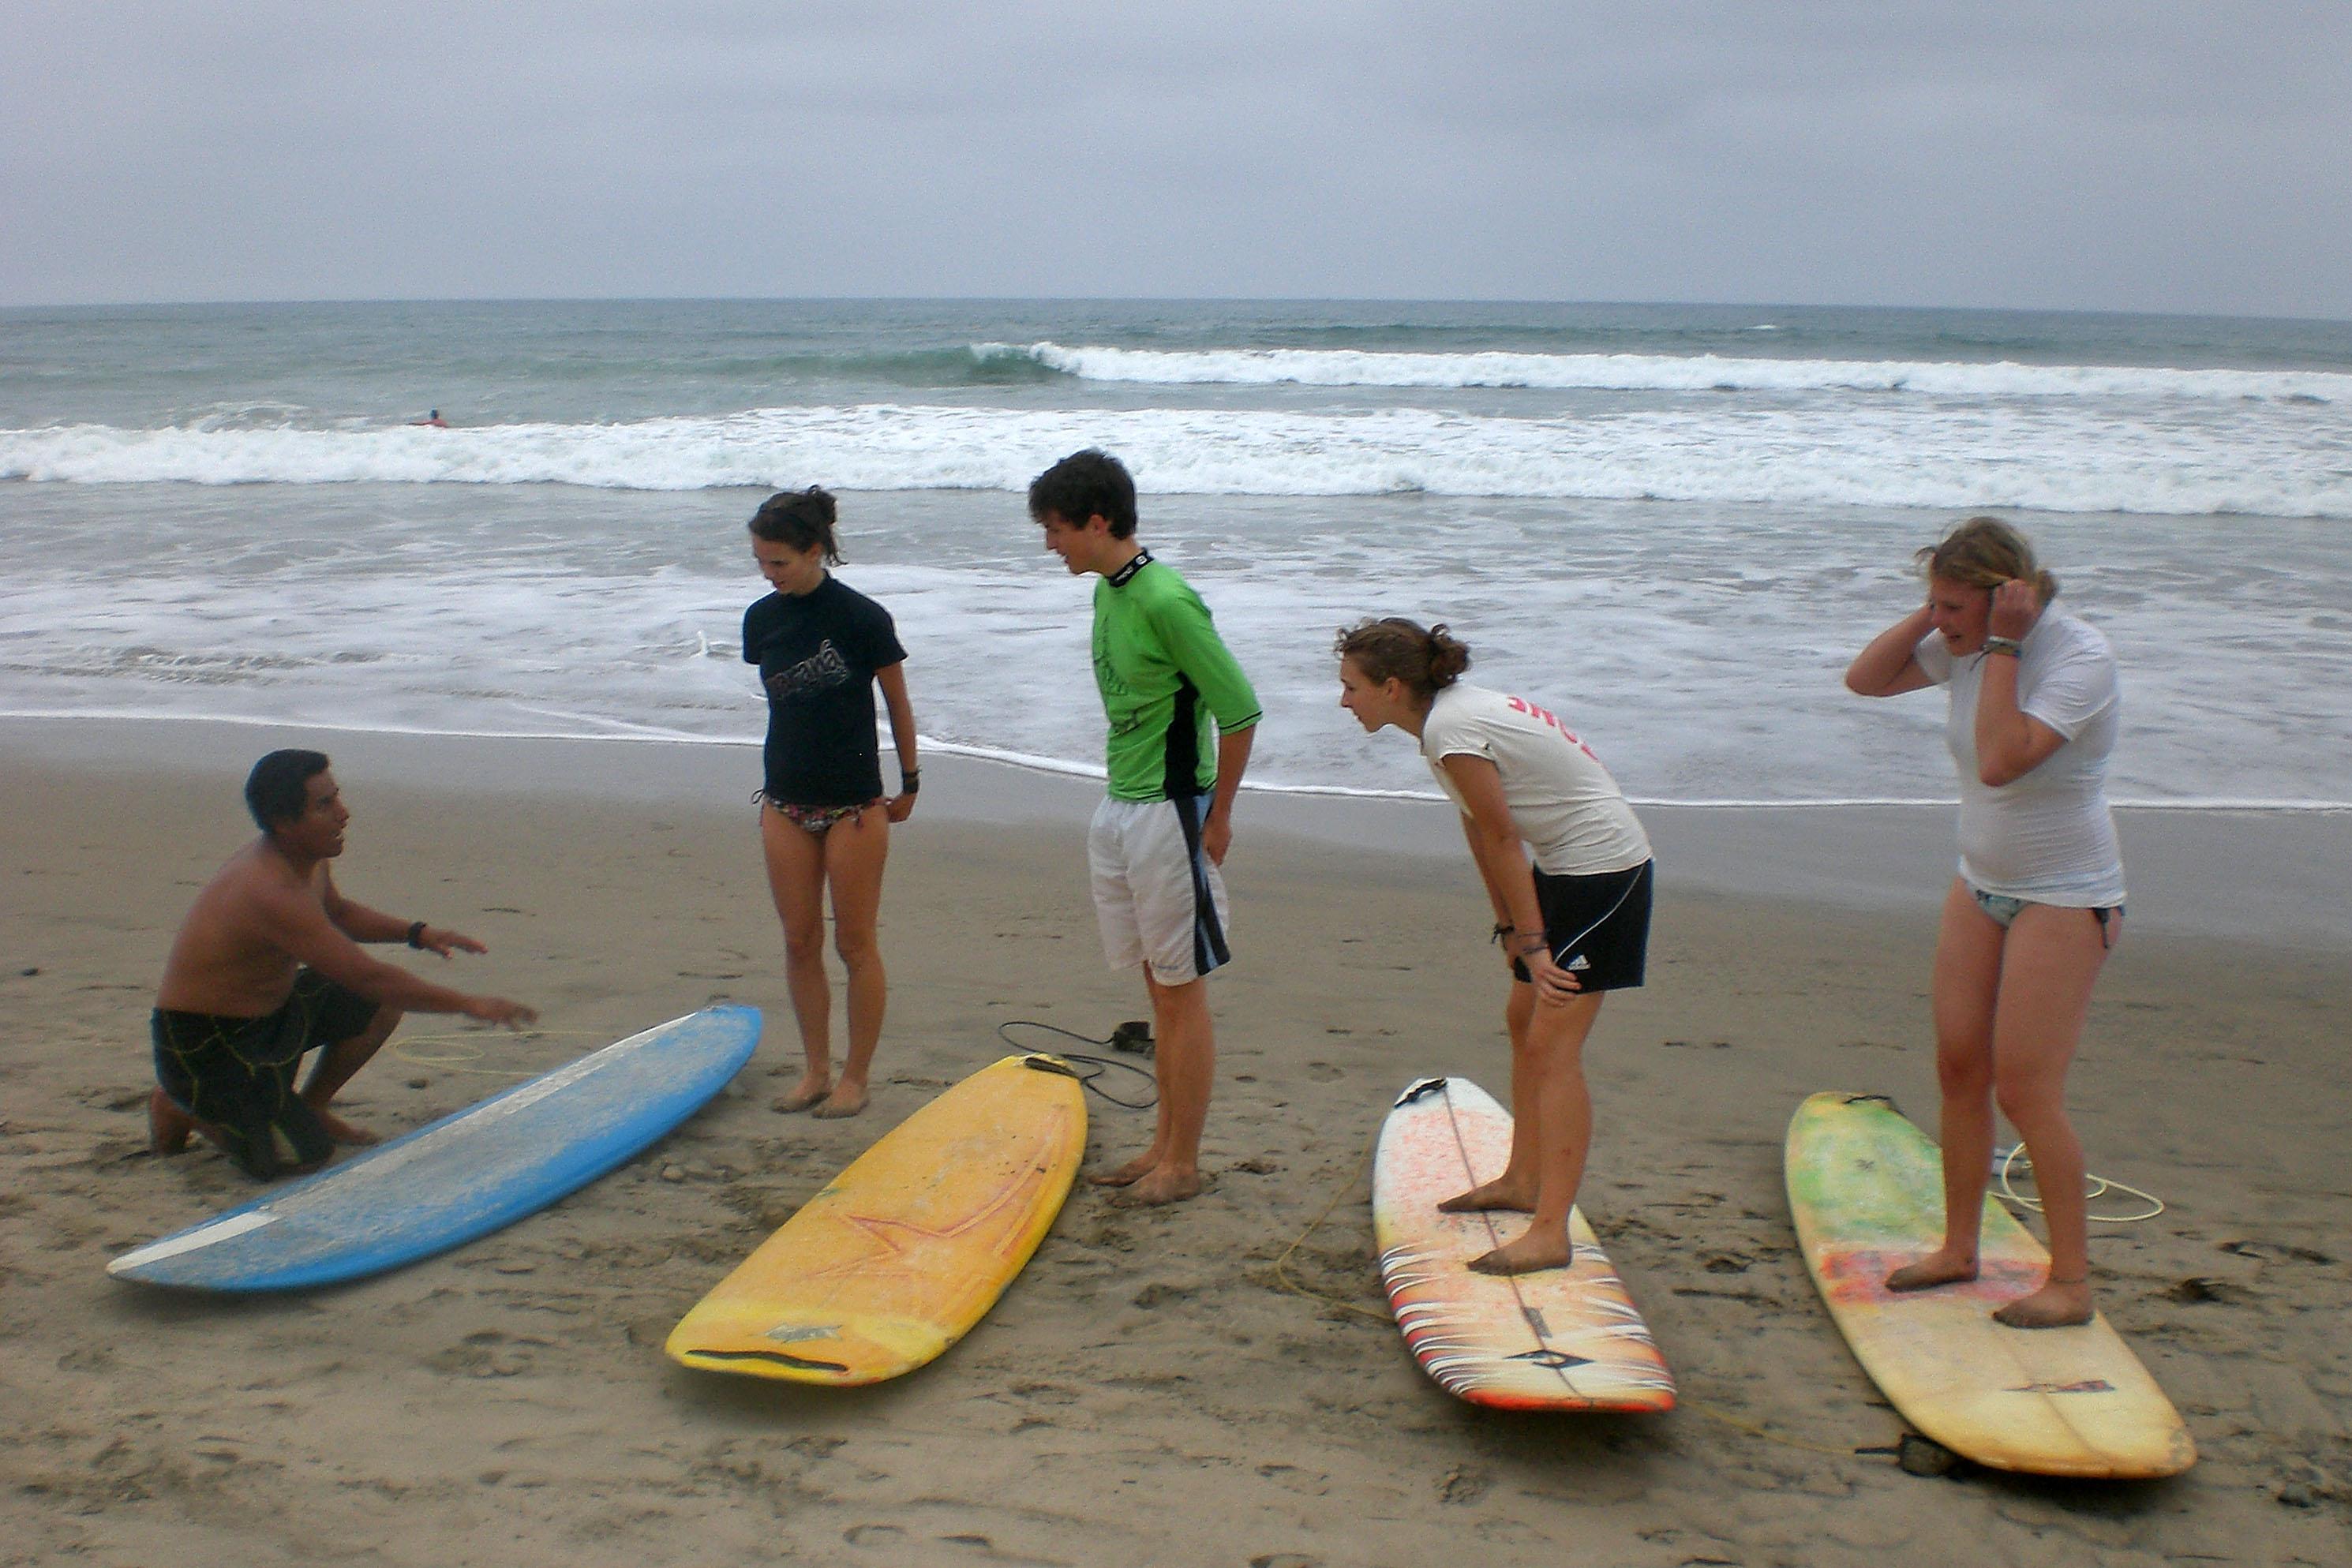 Surfunterricht am Strand von Montan᷉ita – Surflehrer, Wiebke, Lovis, Zina und Caro (von links)